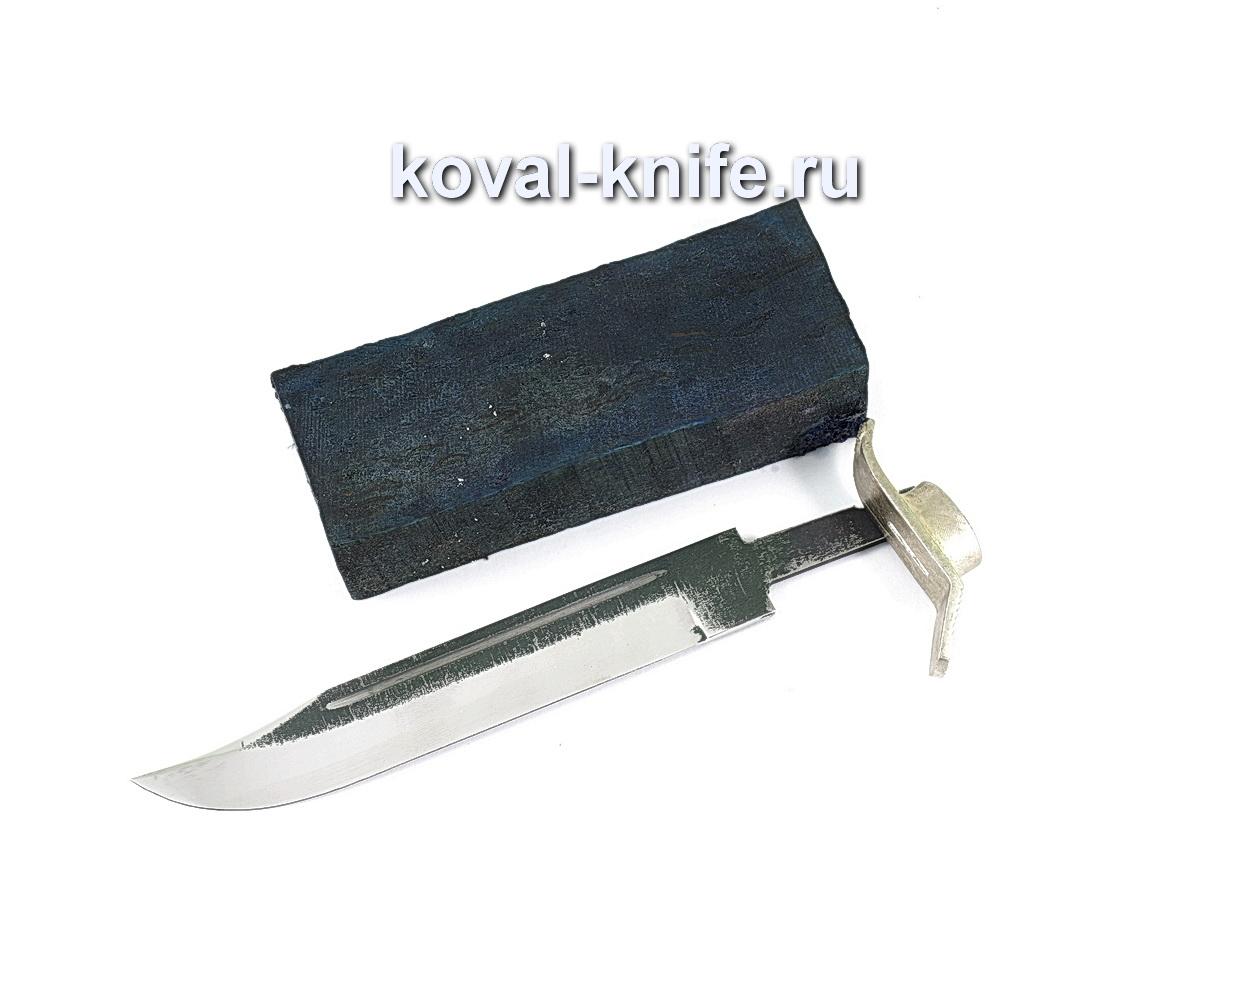 Комплект для ножа НР-40 5 (клинок кованая 110х18 3,5мм, литье 1шт., граб брусок)